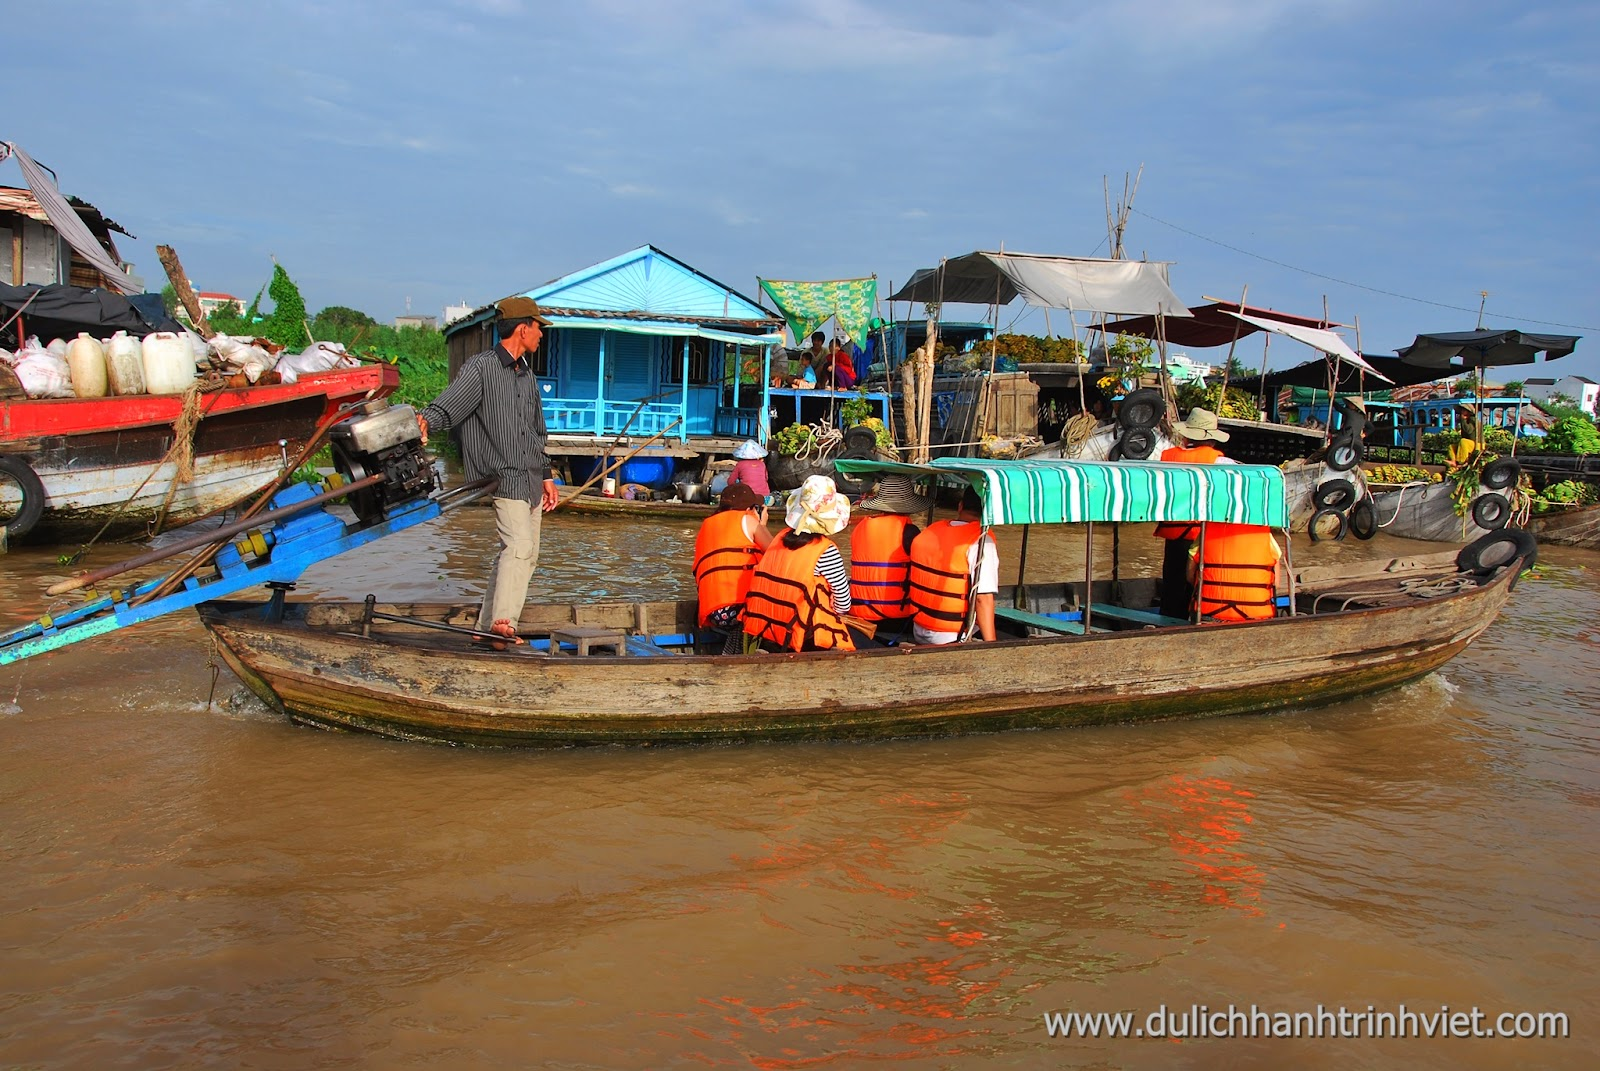 Khám phá chợ nổi Long Xuyên 2014